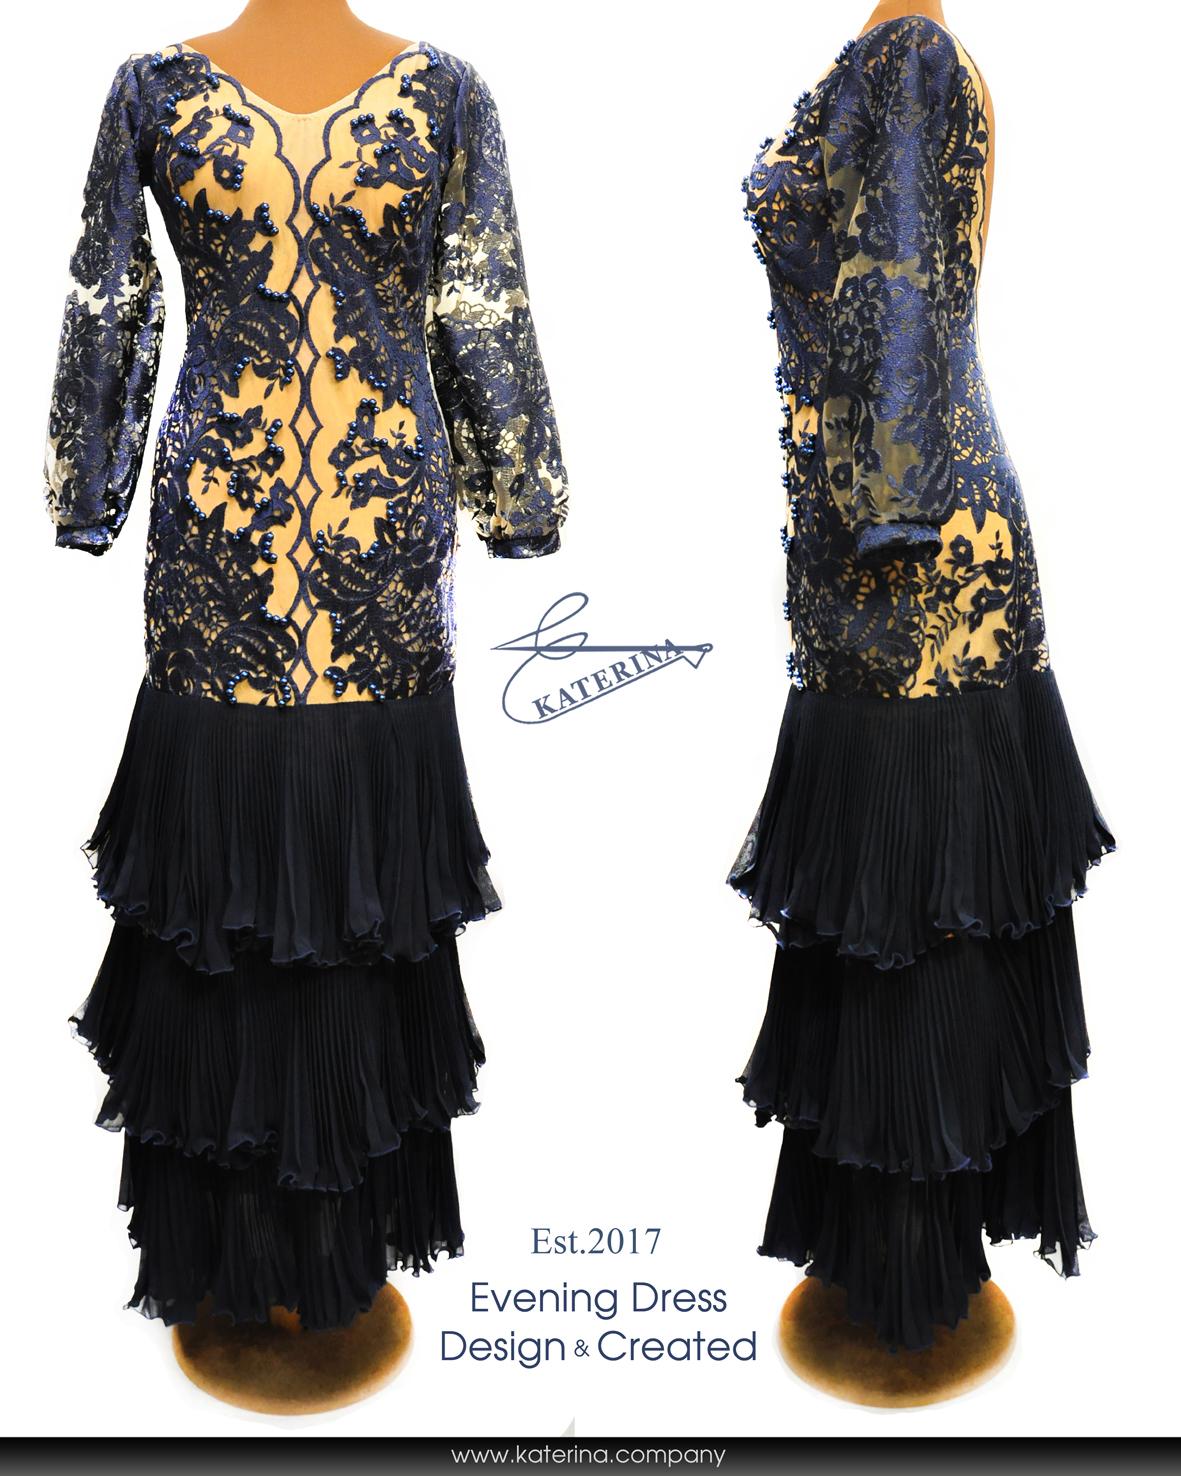 Evening Dress KATERINA